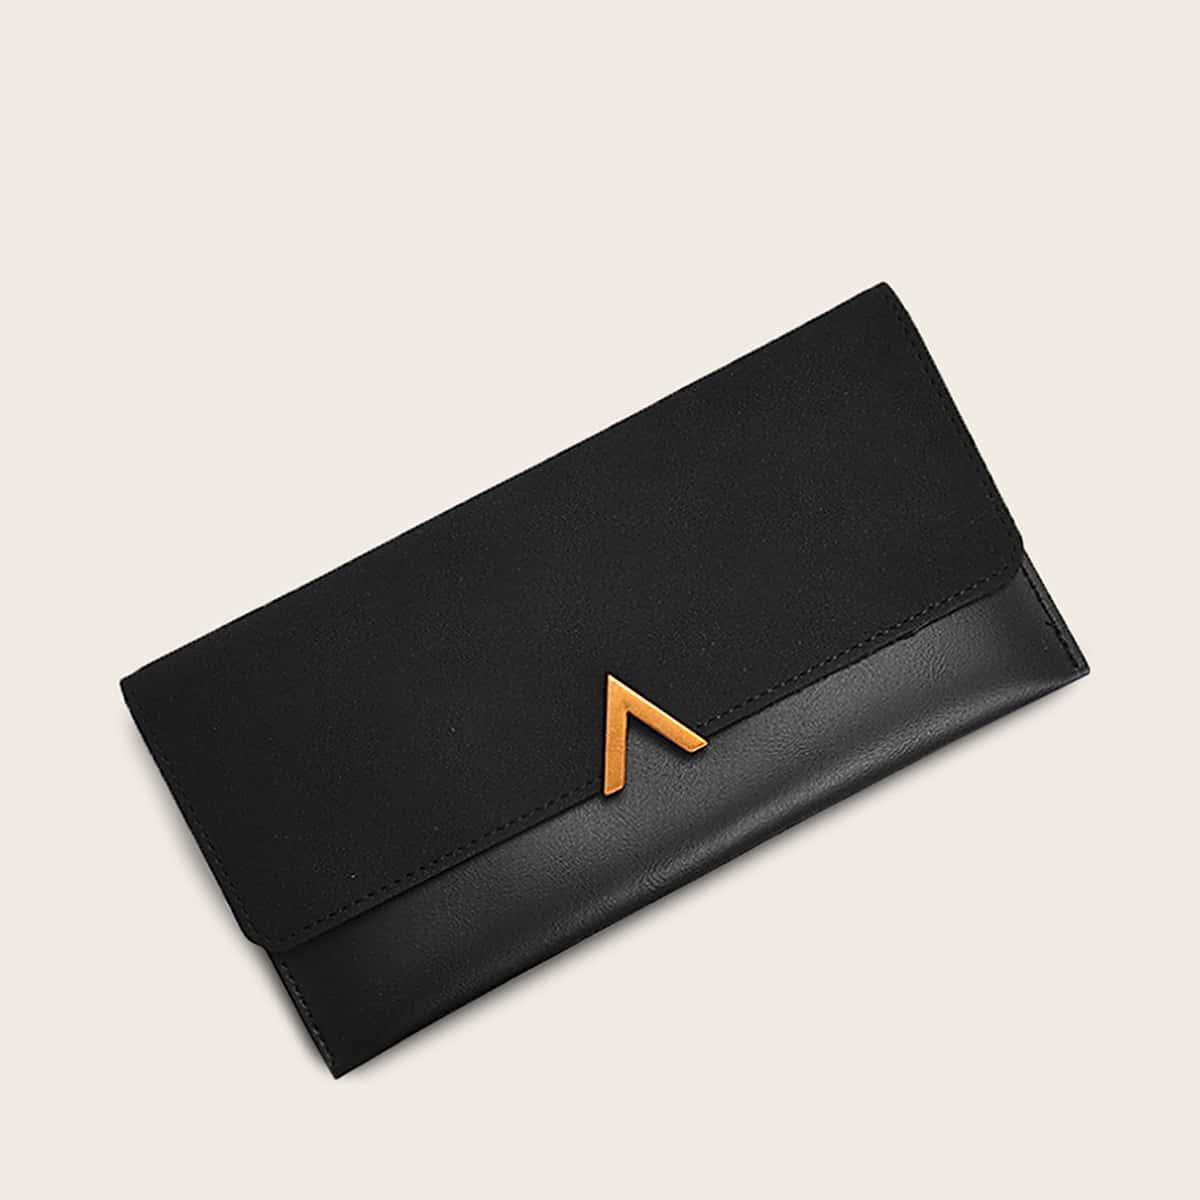 Minimalistische Brieftasche mit Reißverschluss Detail und Falten